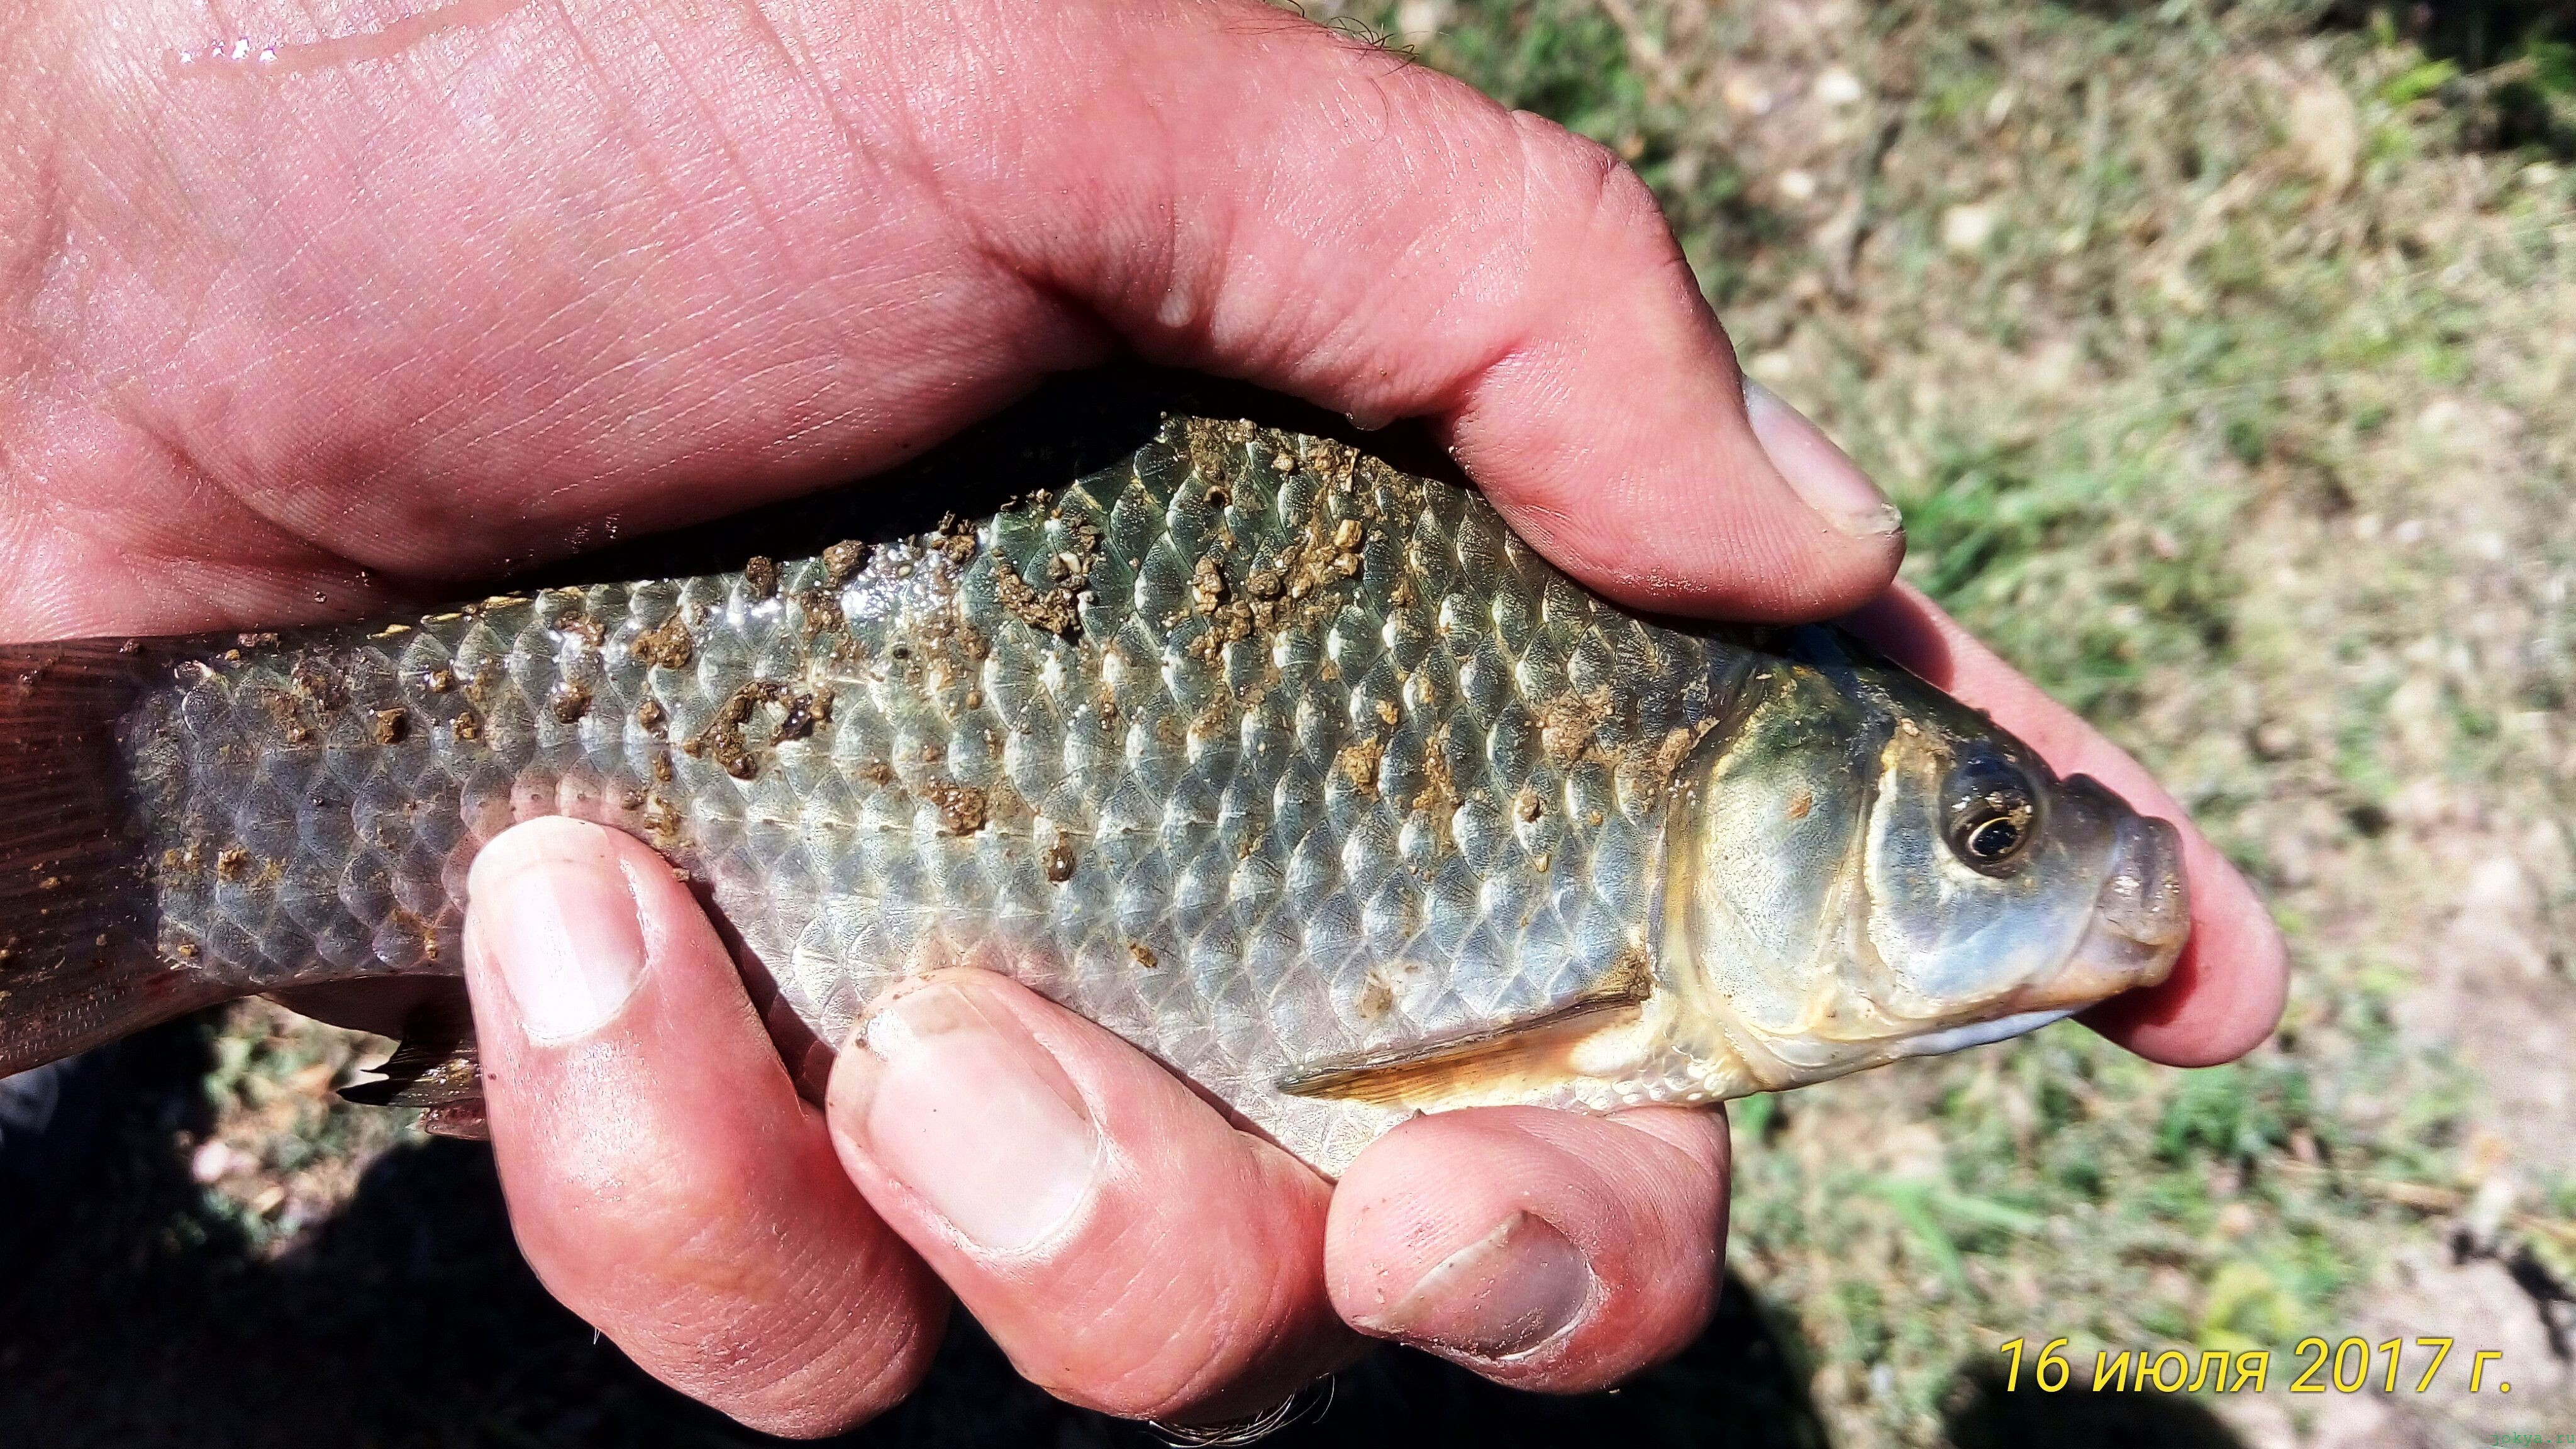 Рыбалка на озере: отдых рыбалка фото заметка о моей реальности в Крыму jokya.ru